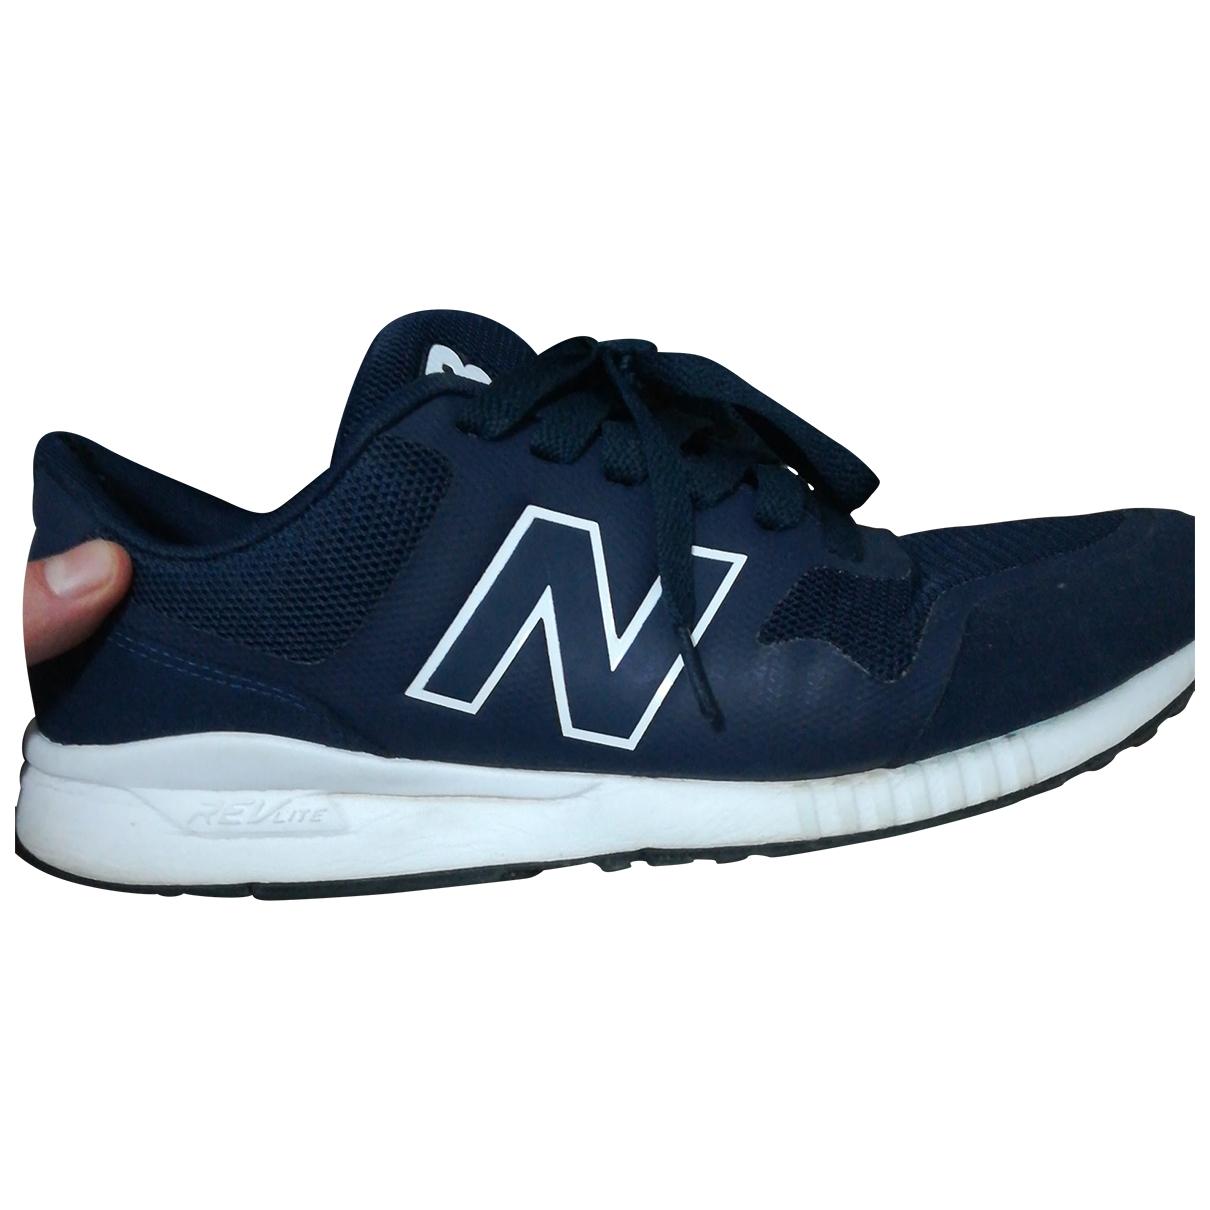 New Balance - Baskets   pour homme en toile - bleu